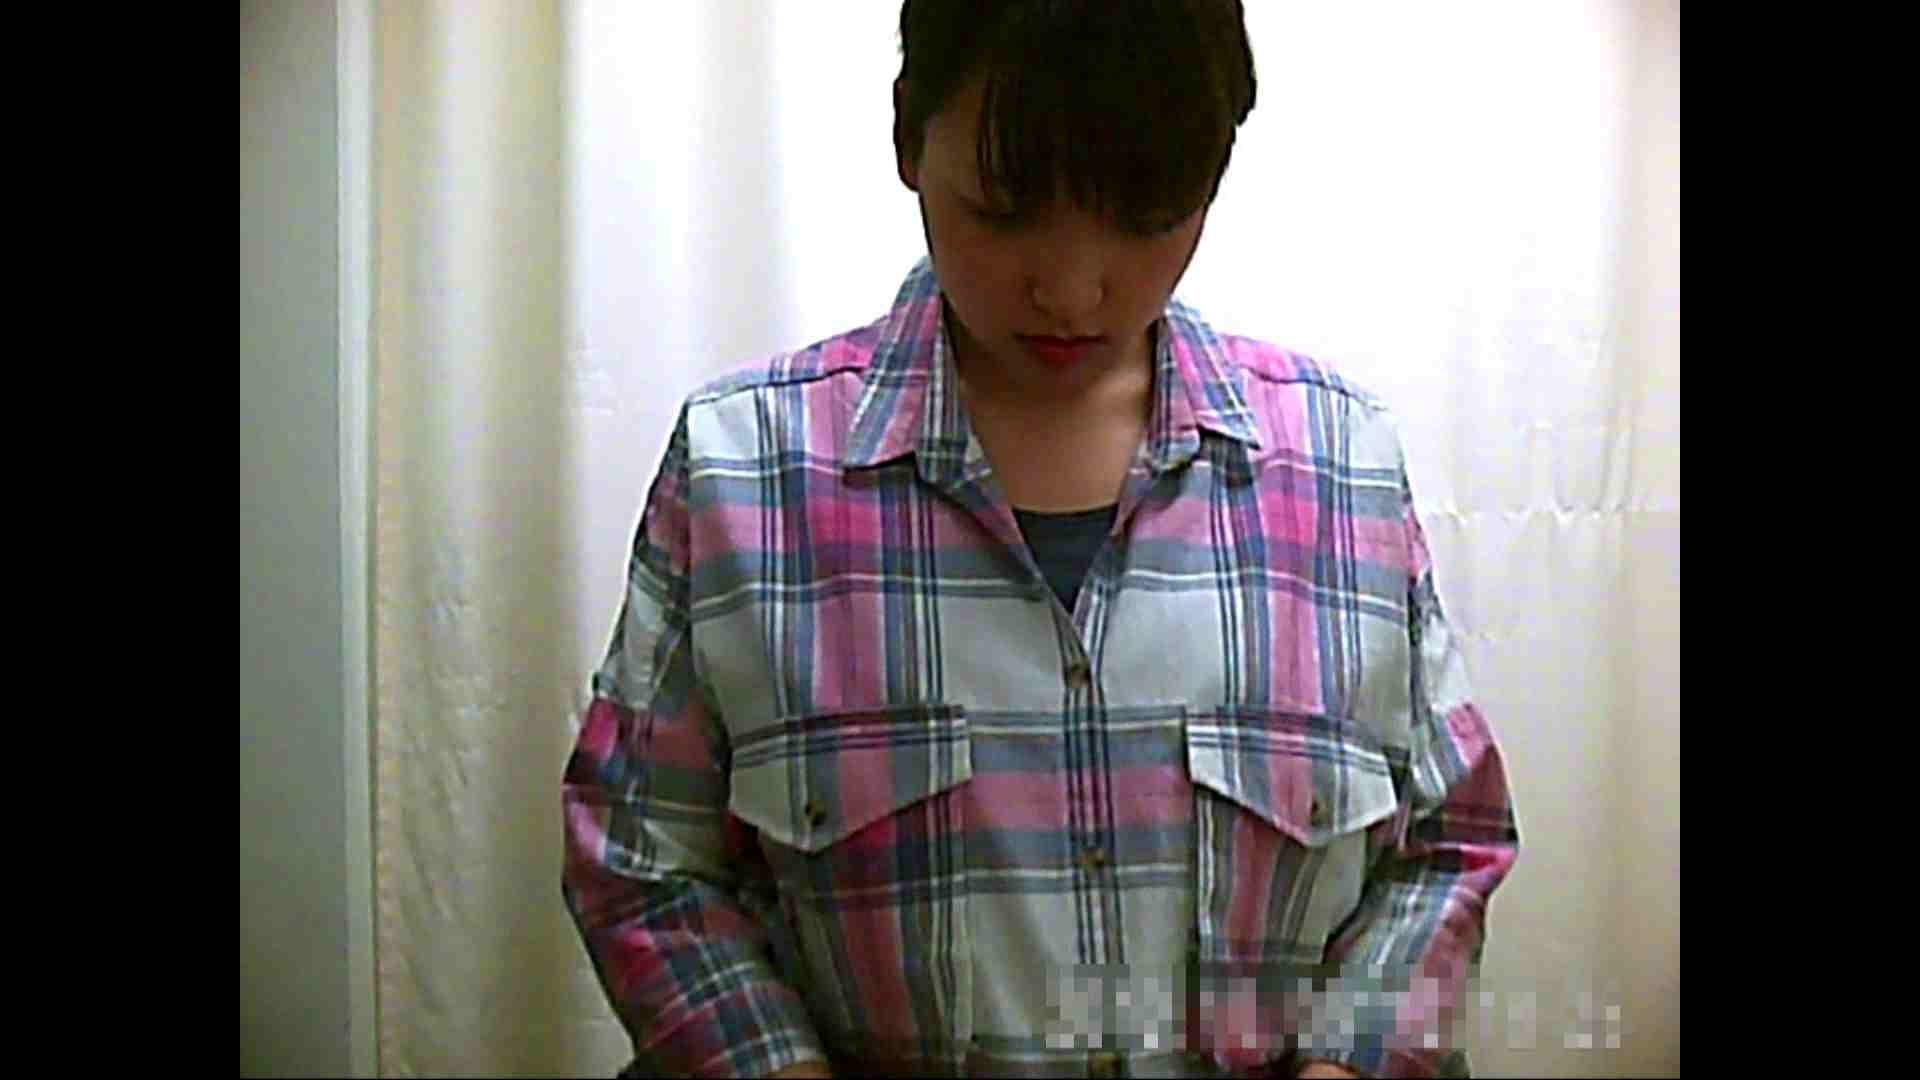 病院おもいっきり着替え! vol.230 盗撮師作品 オマンコ動画キャプチャ 105pic 87